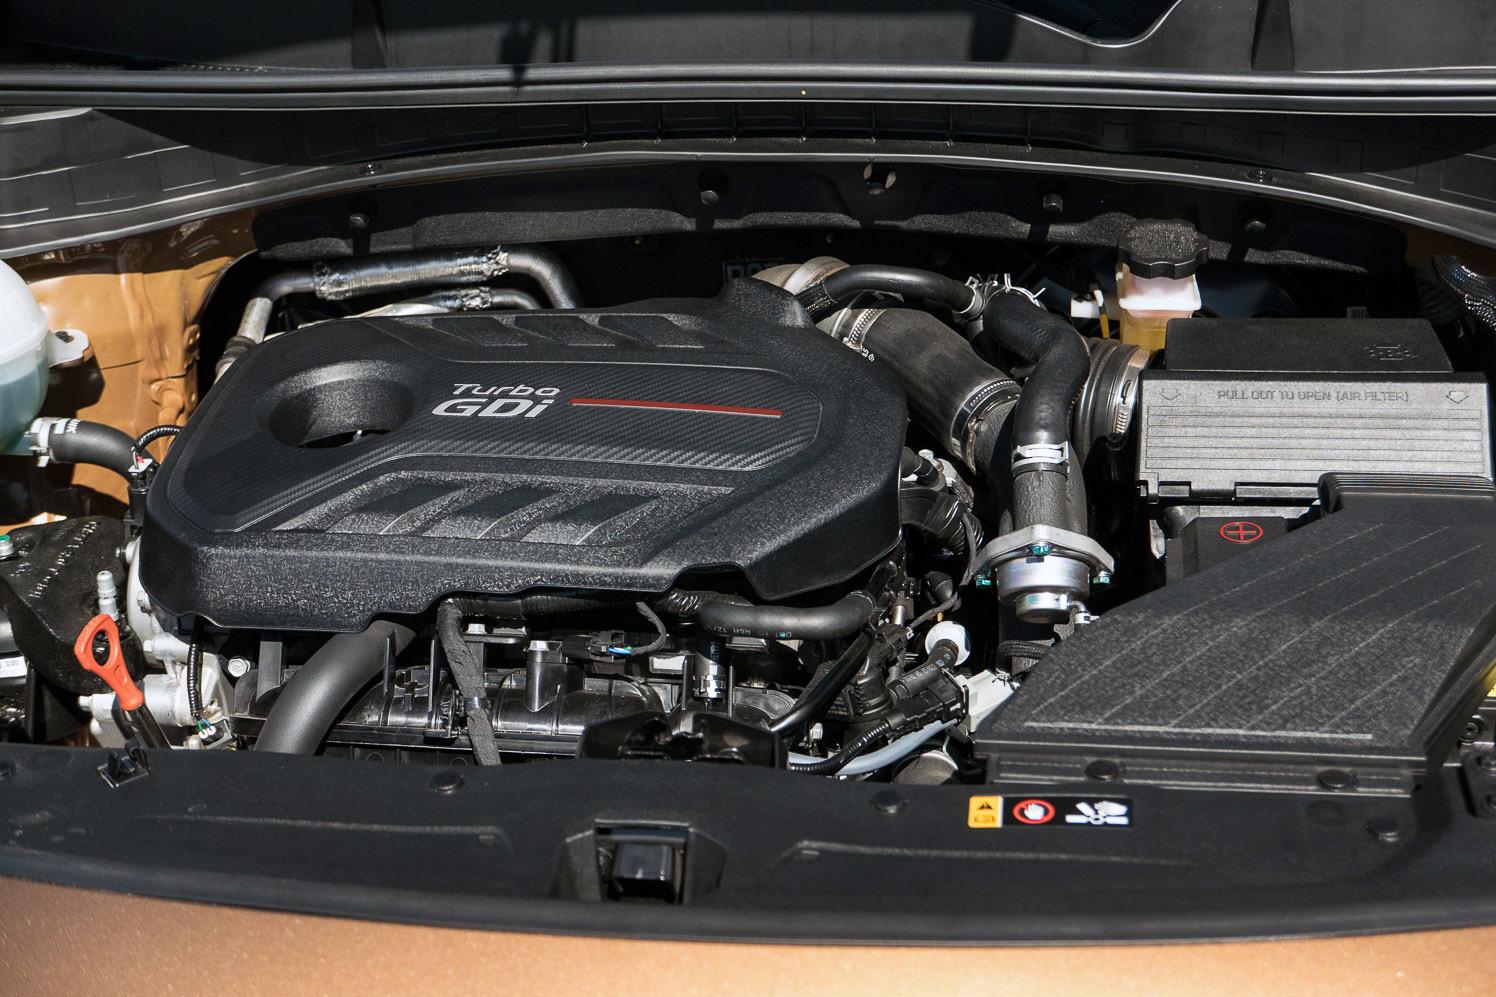 Tuy không mạnh bằng bản tiền nhiệm, nhưng động cơ của Sportage mới lại hoạt động cực kỳ hiệu quả